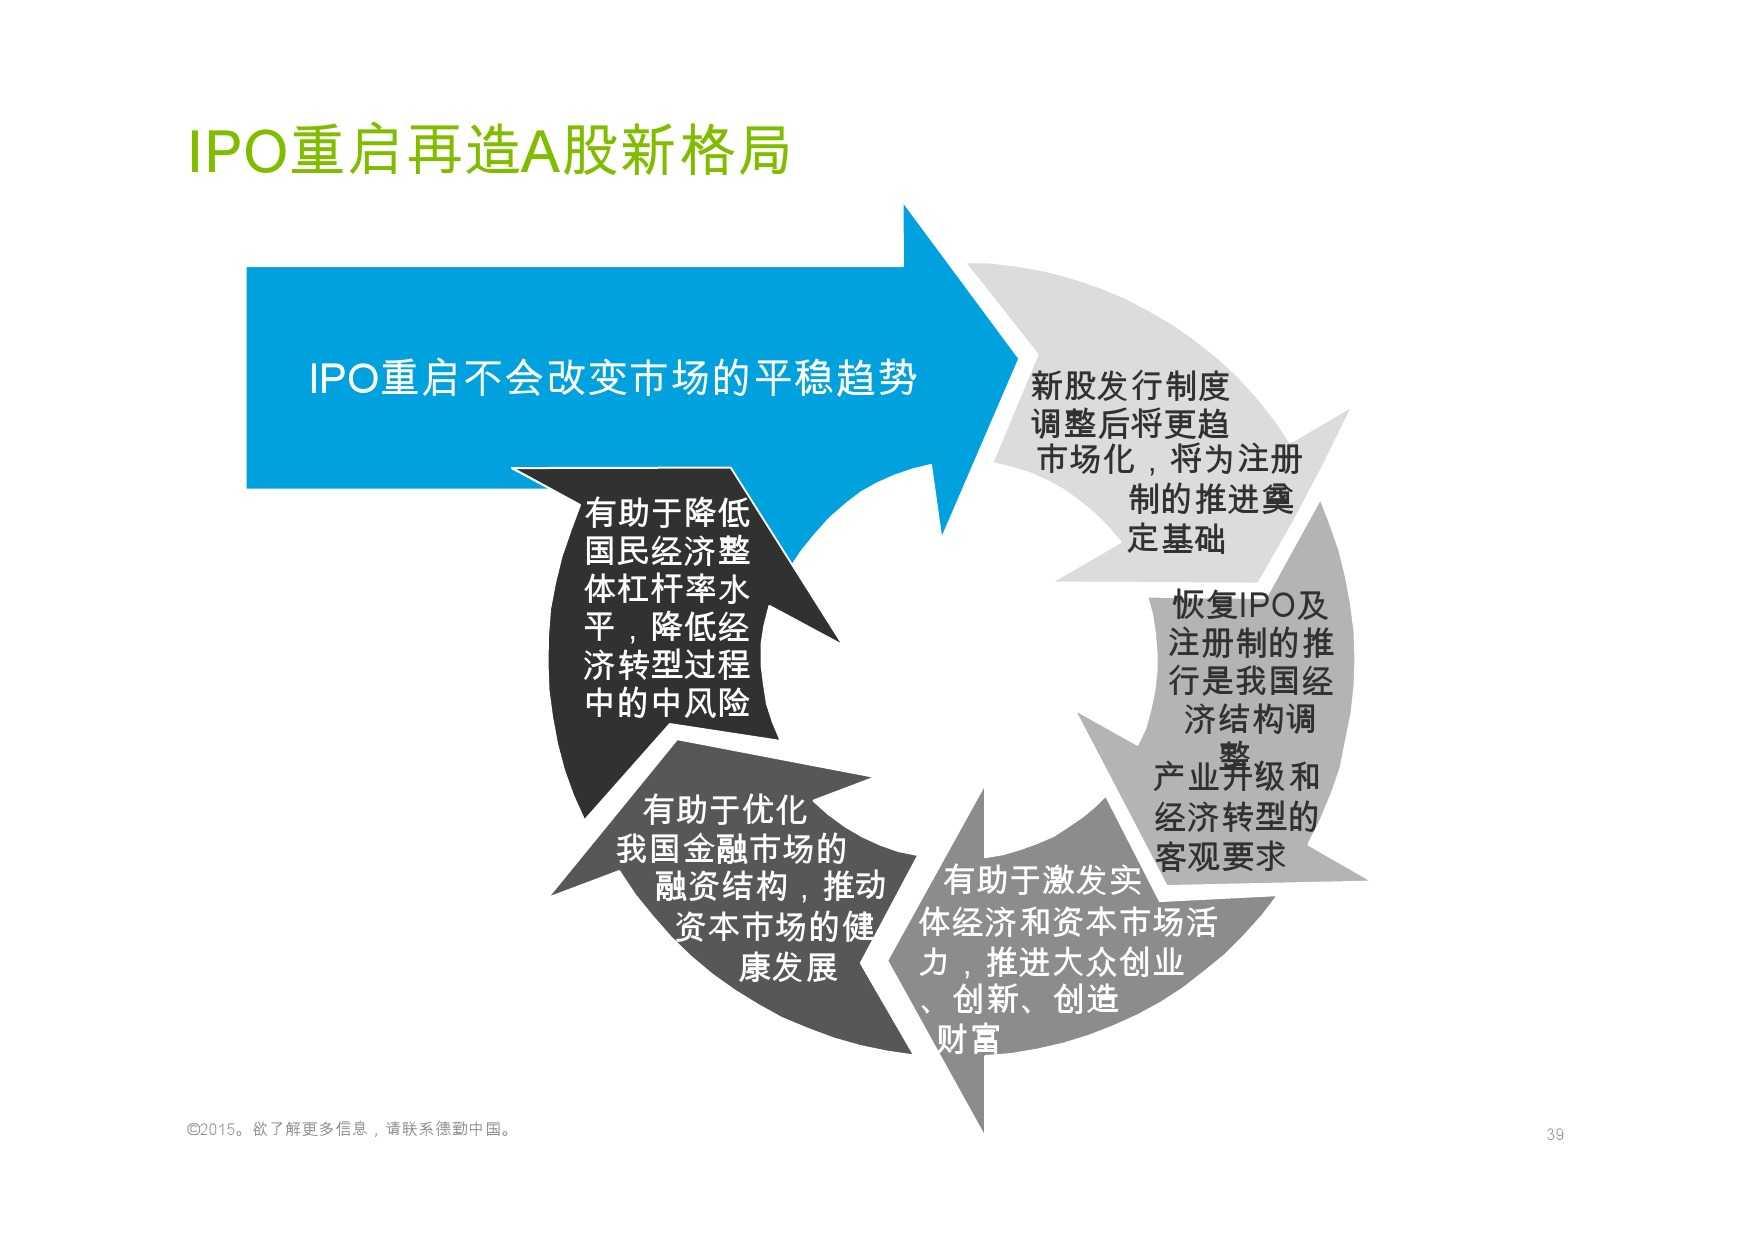 德勤:香港及中国大陆IPO巿场2015年回顾与2016年展望_000039